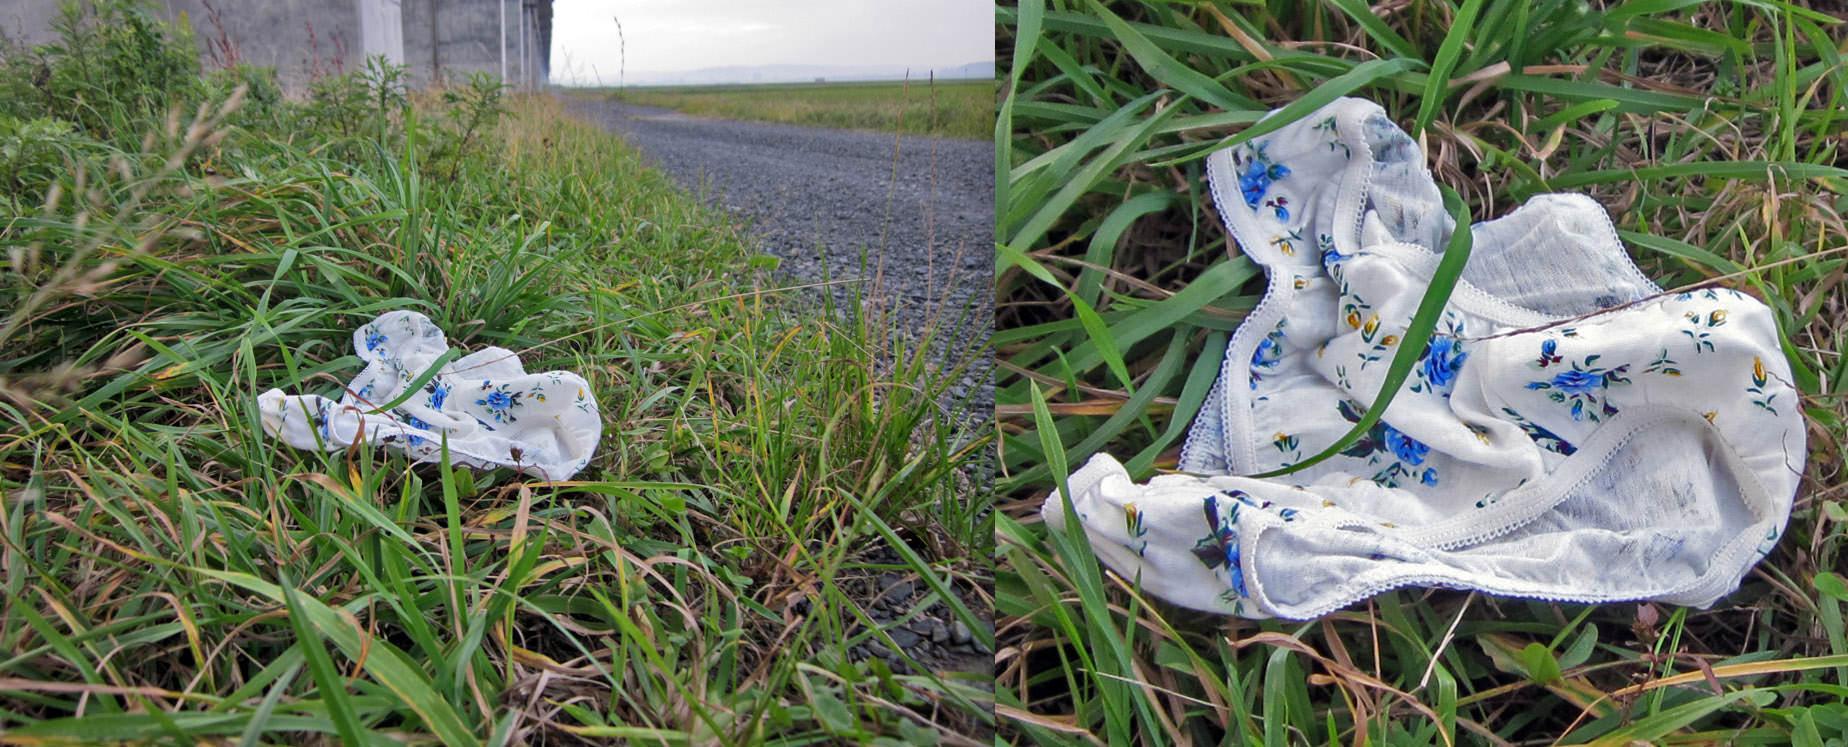 寂しそうに道端に落ちてるギャルのパンティーエロ画像 9117